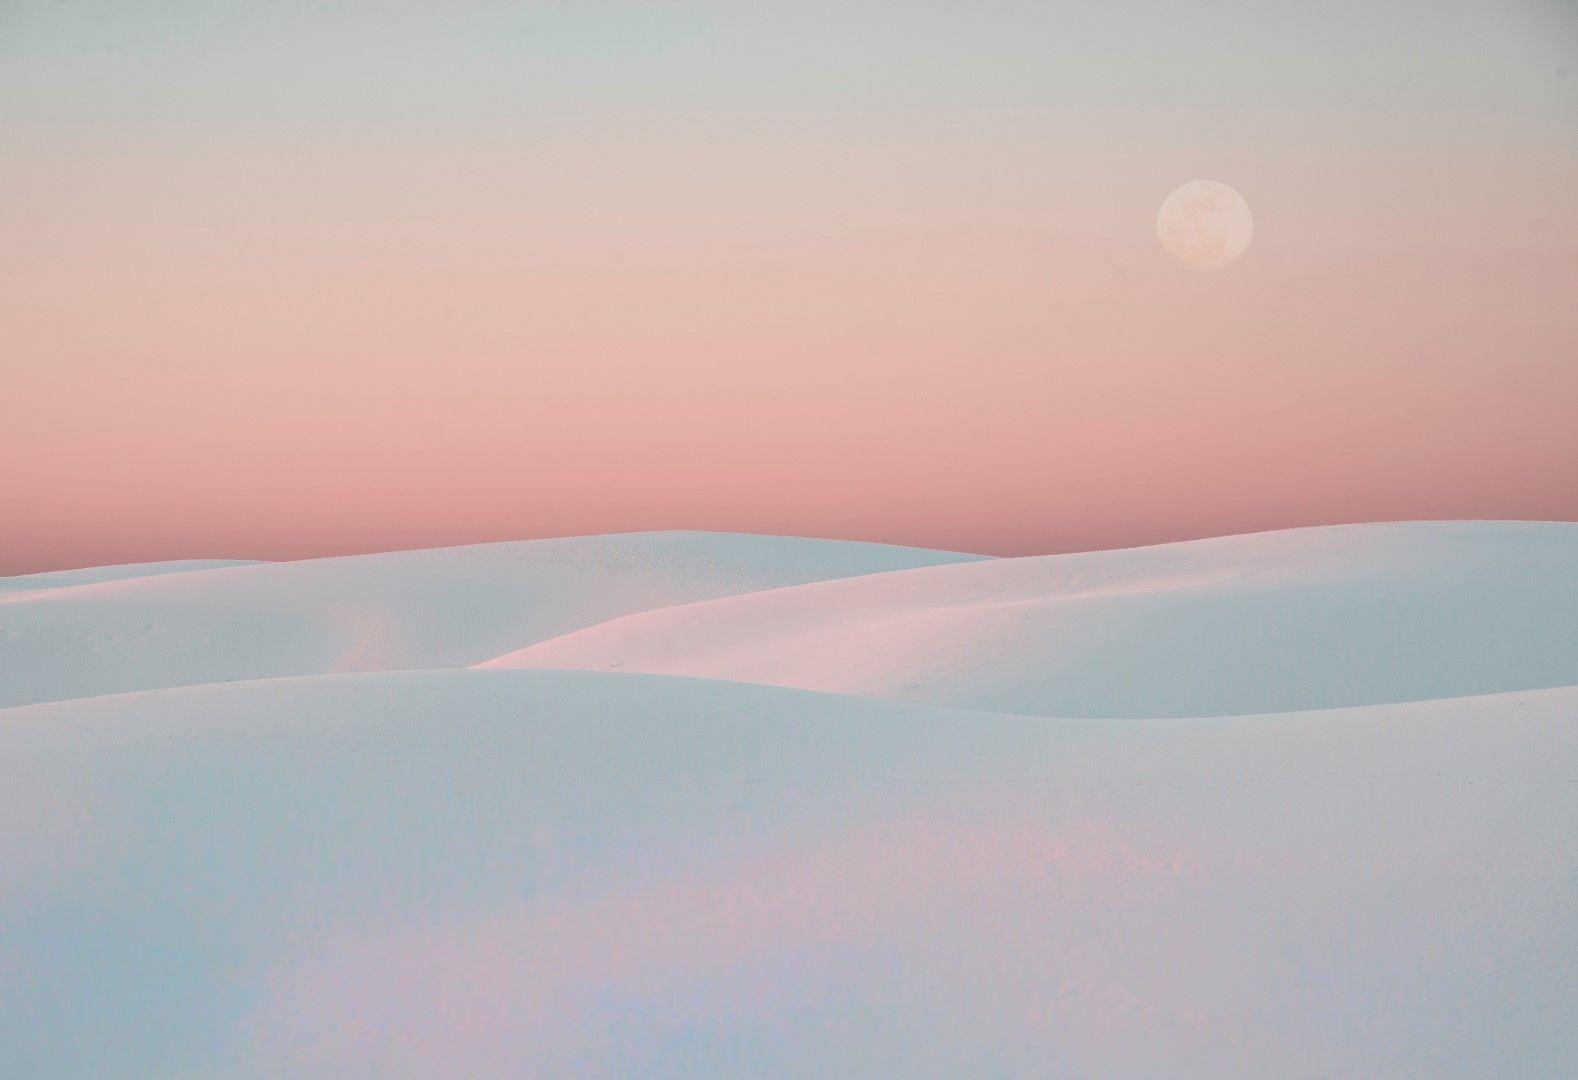 Национален парк Уайт сендс (Белите пясъци) в САЩ.